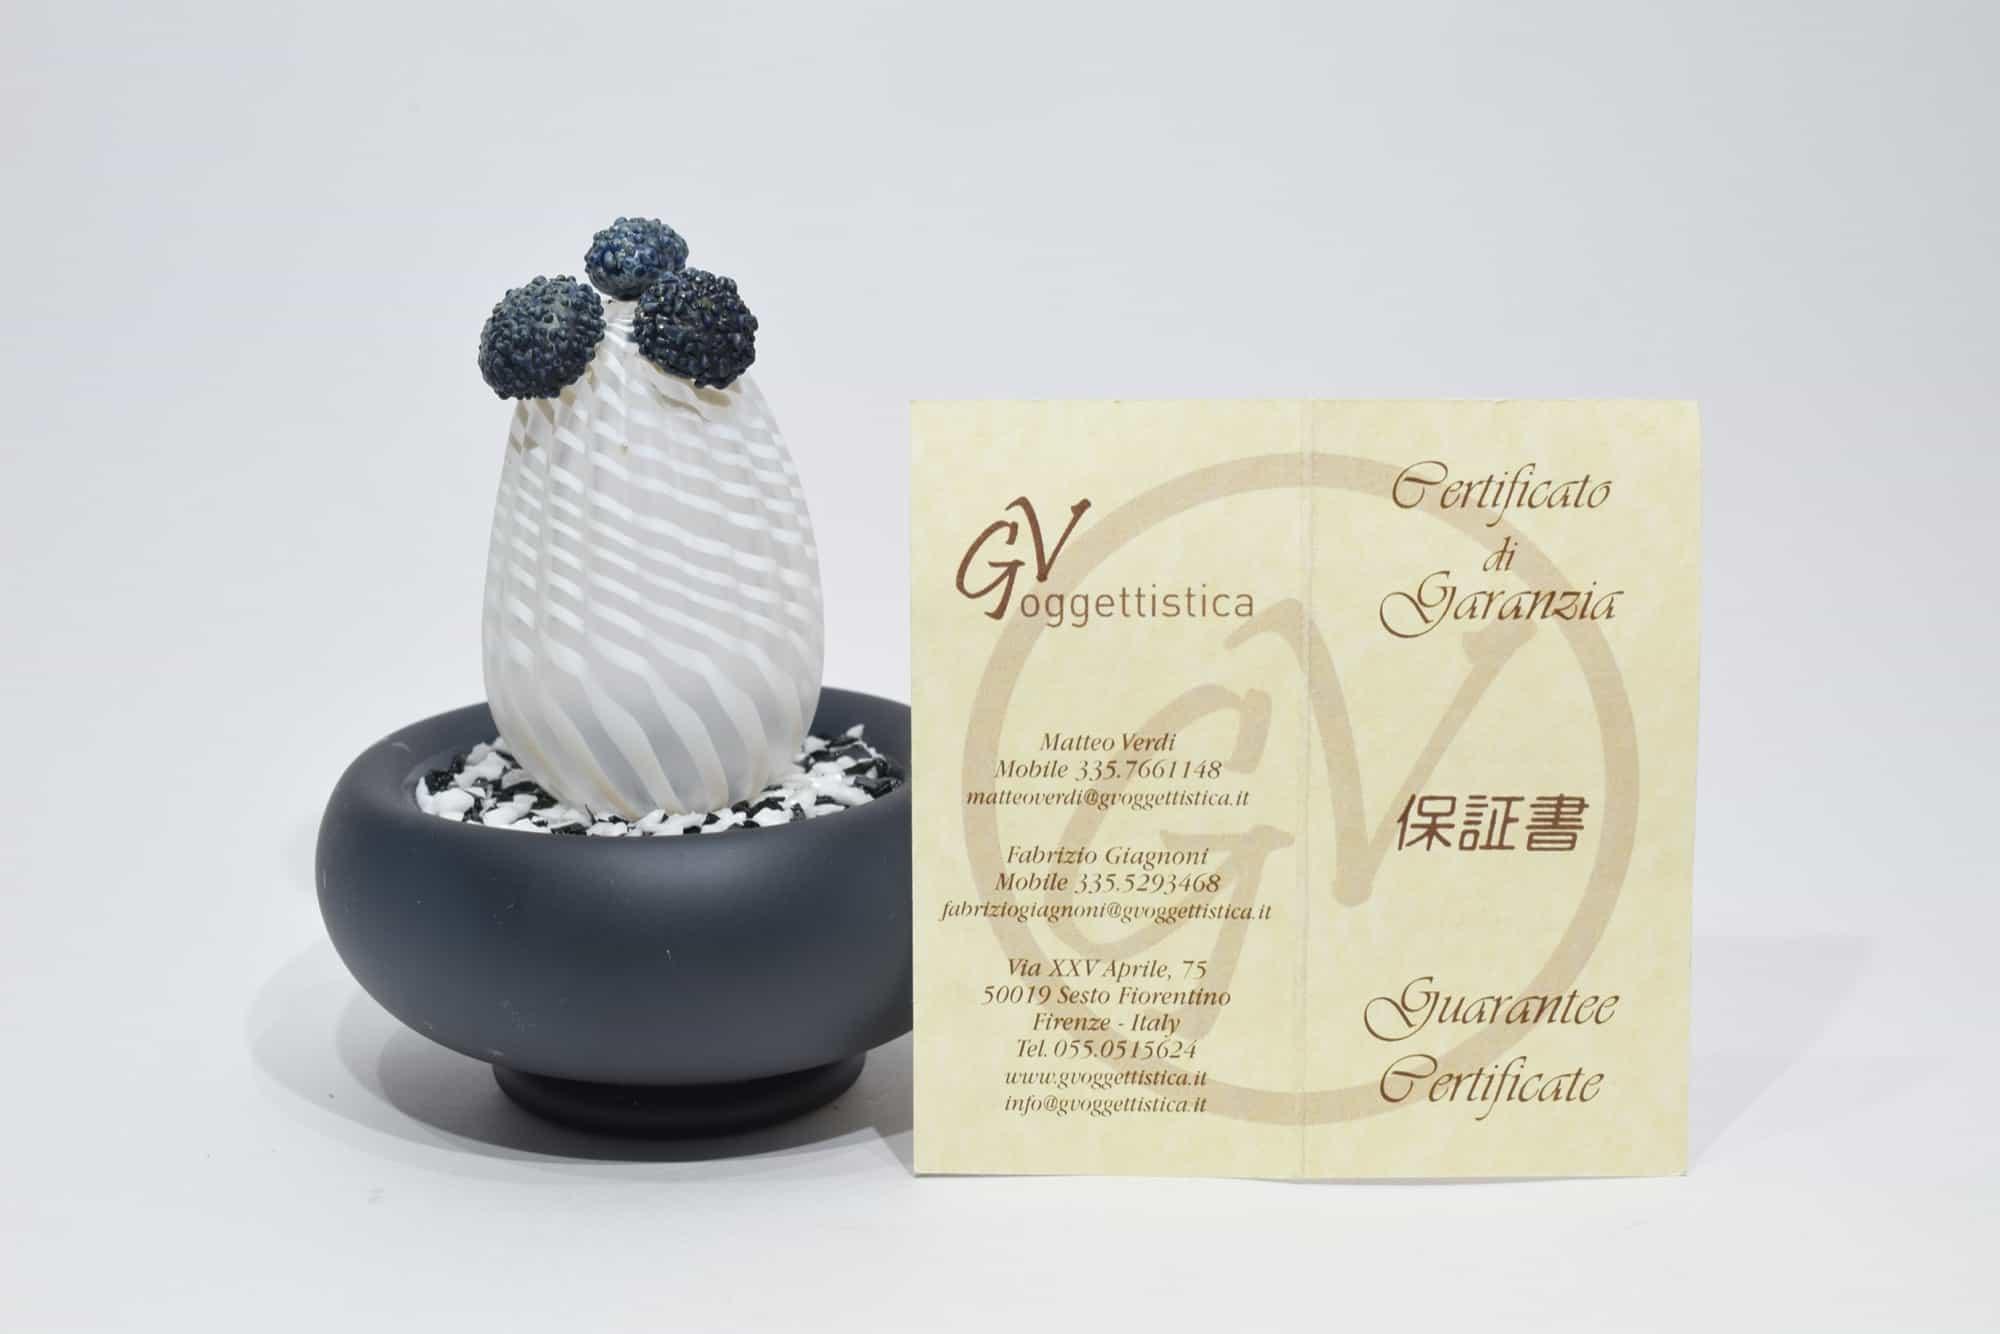 Murano Glass Cactus - (Art.12220)